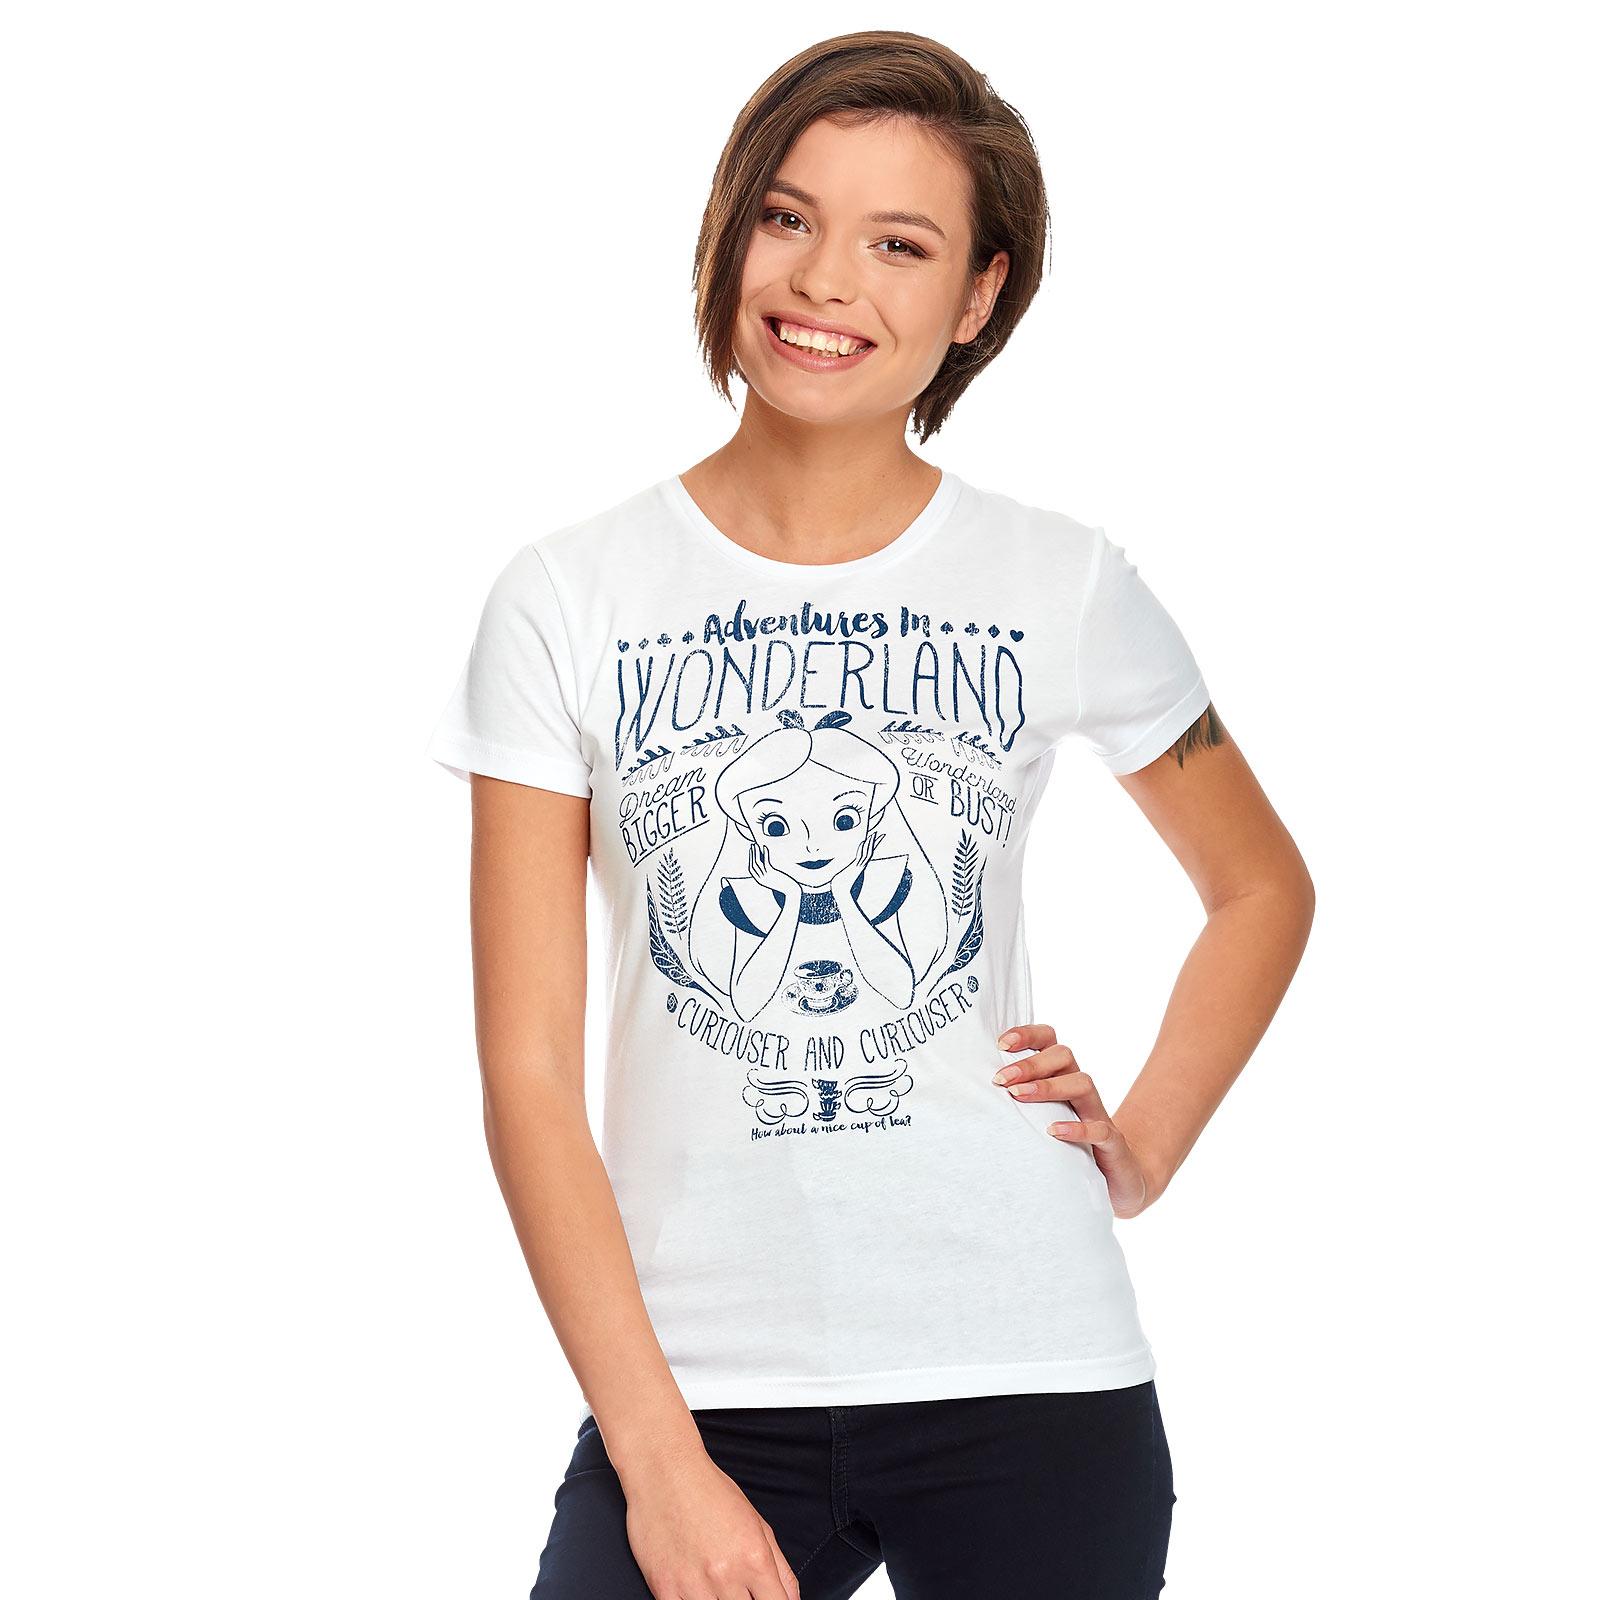 Alice im Wunderland - Adventures in Wonderland T-Shirt Damen weiß